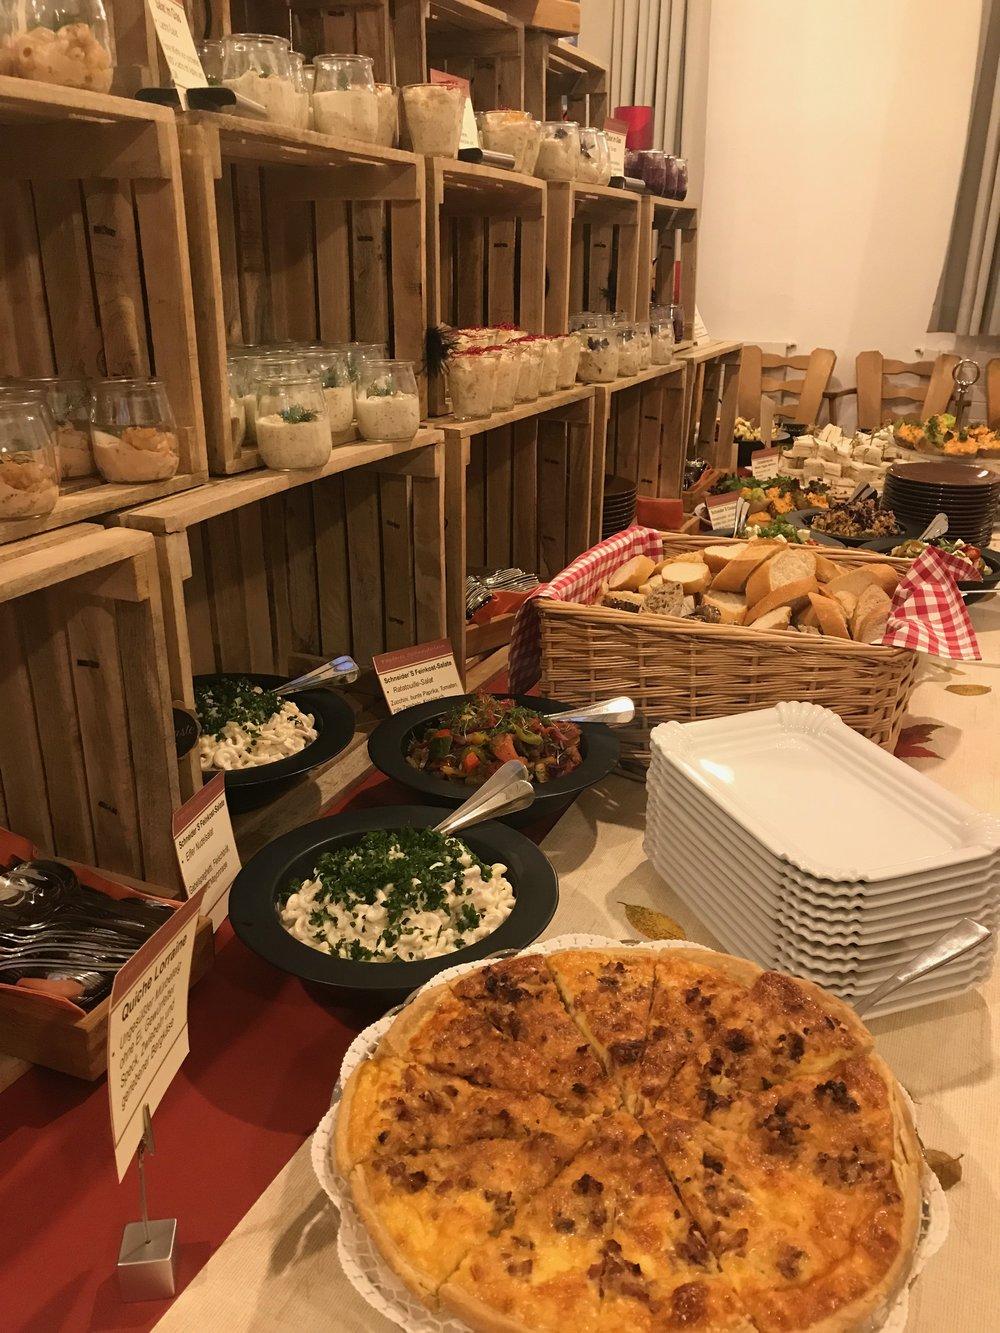 Schneider'S Kochservice auf einen Blick: - - Gruppen ab 14 Personen- auch außerhalb unserer Öffnungszeiten- individuelle Anpassung möglichKontaktieren Sie uns für weitere Informationen.